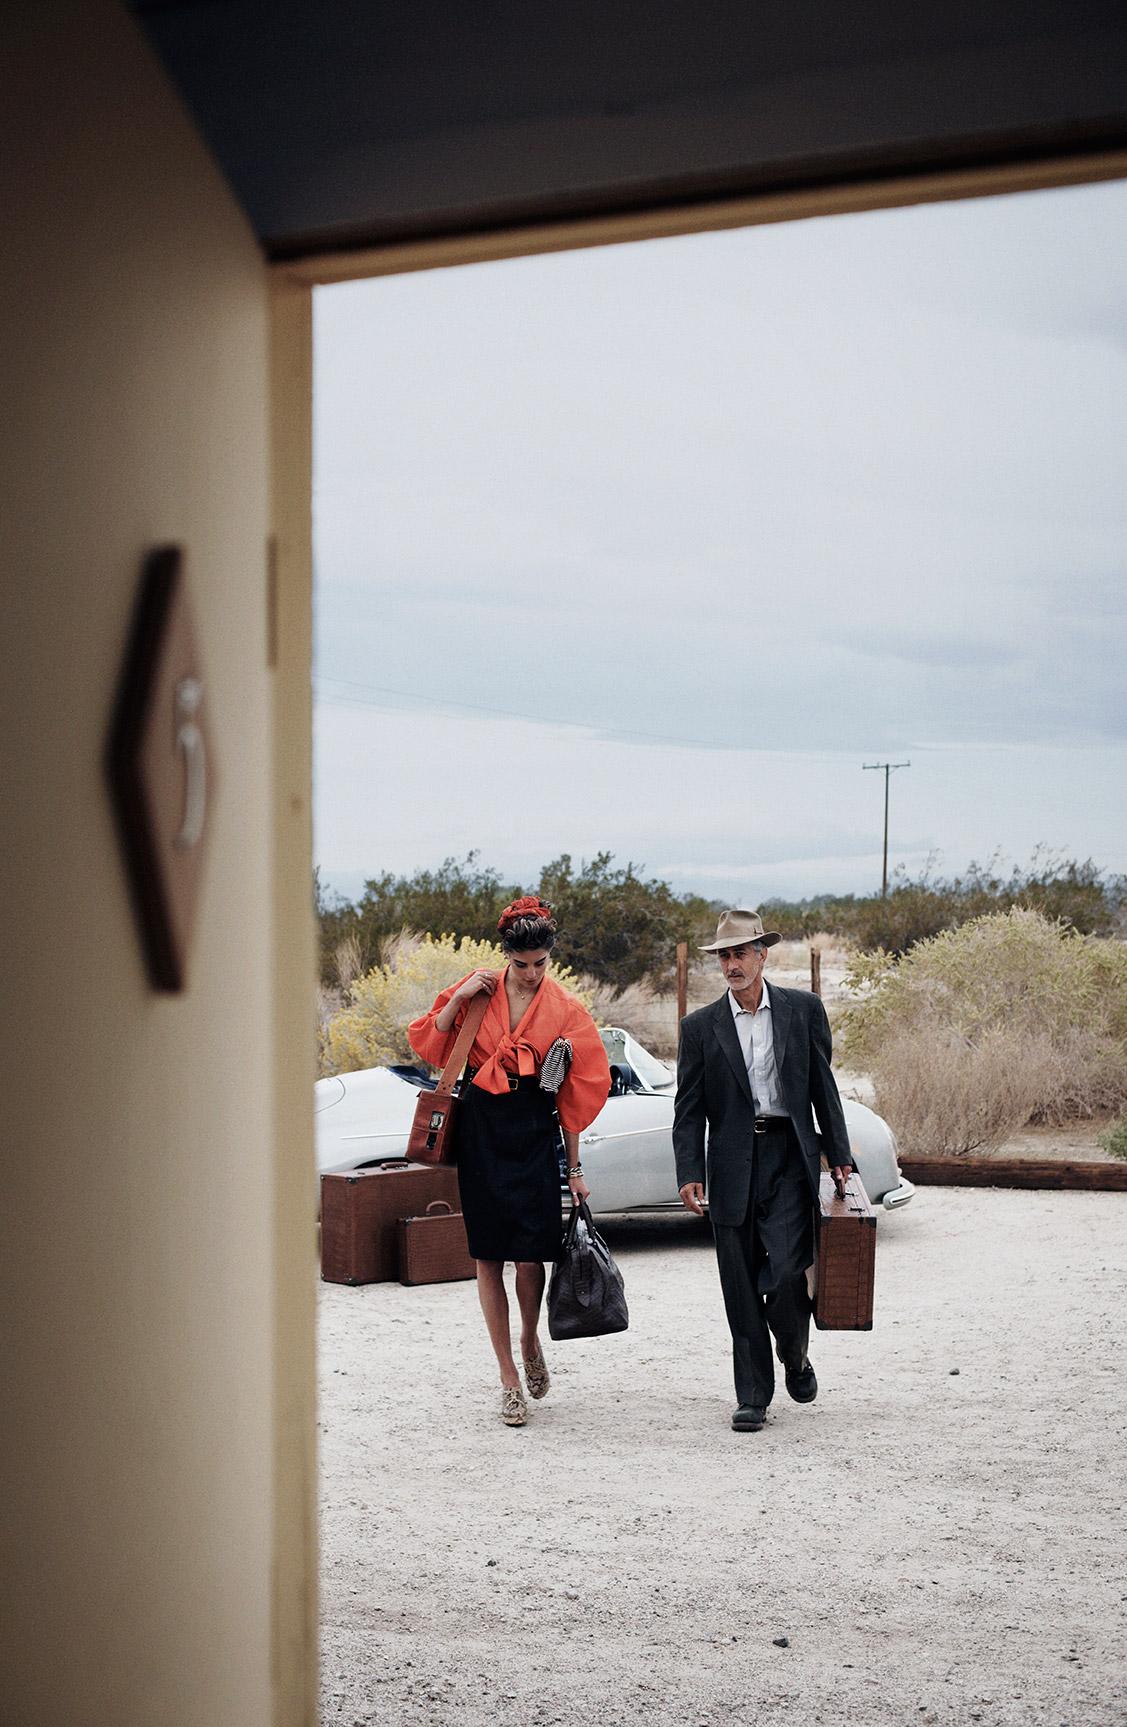 Дарья Вербовы и Дэвид Стрэтэйрн в заброшенном поселке / фотограф Питер Линдберг / фото 02